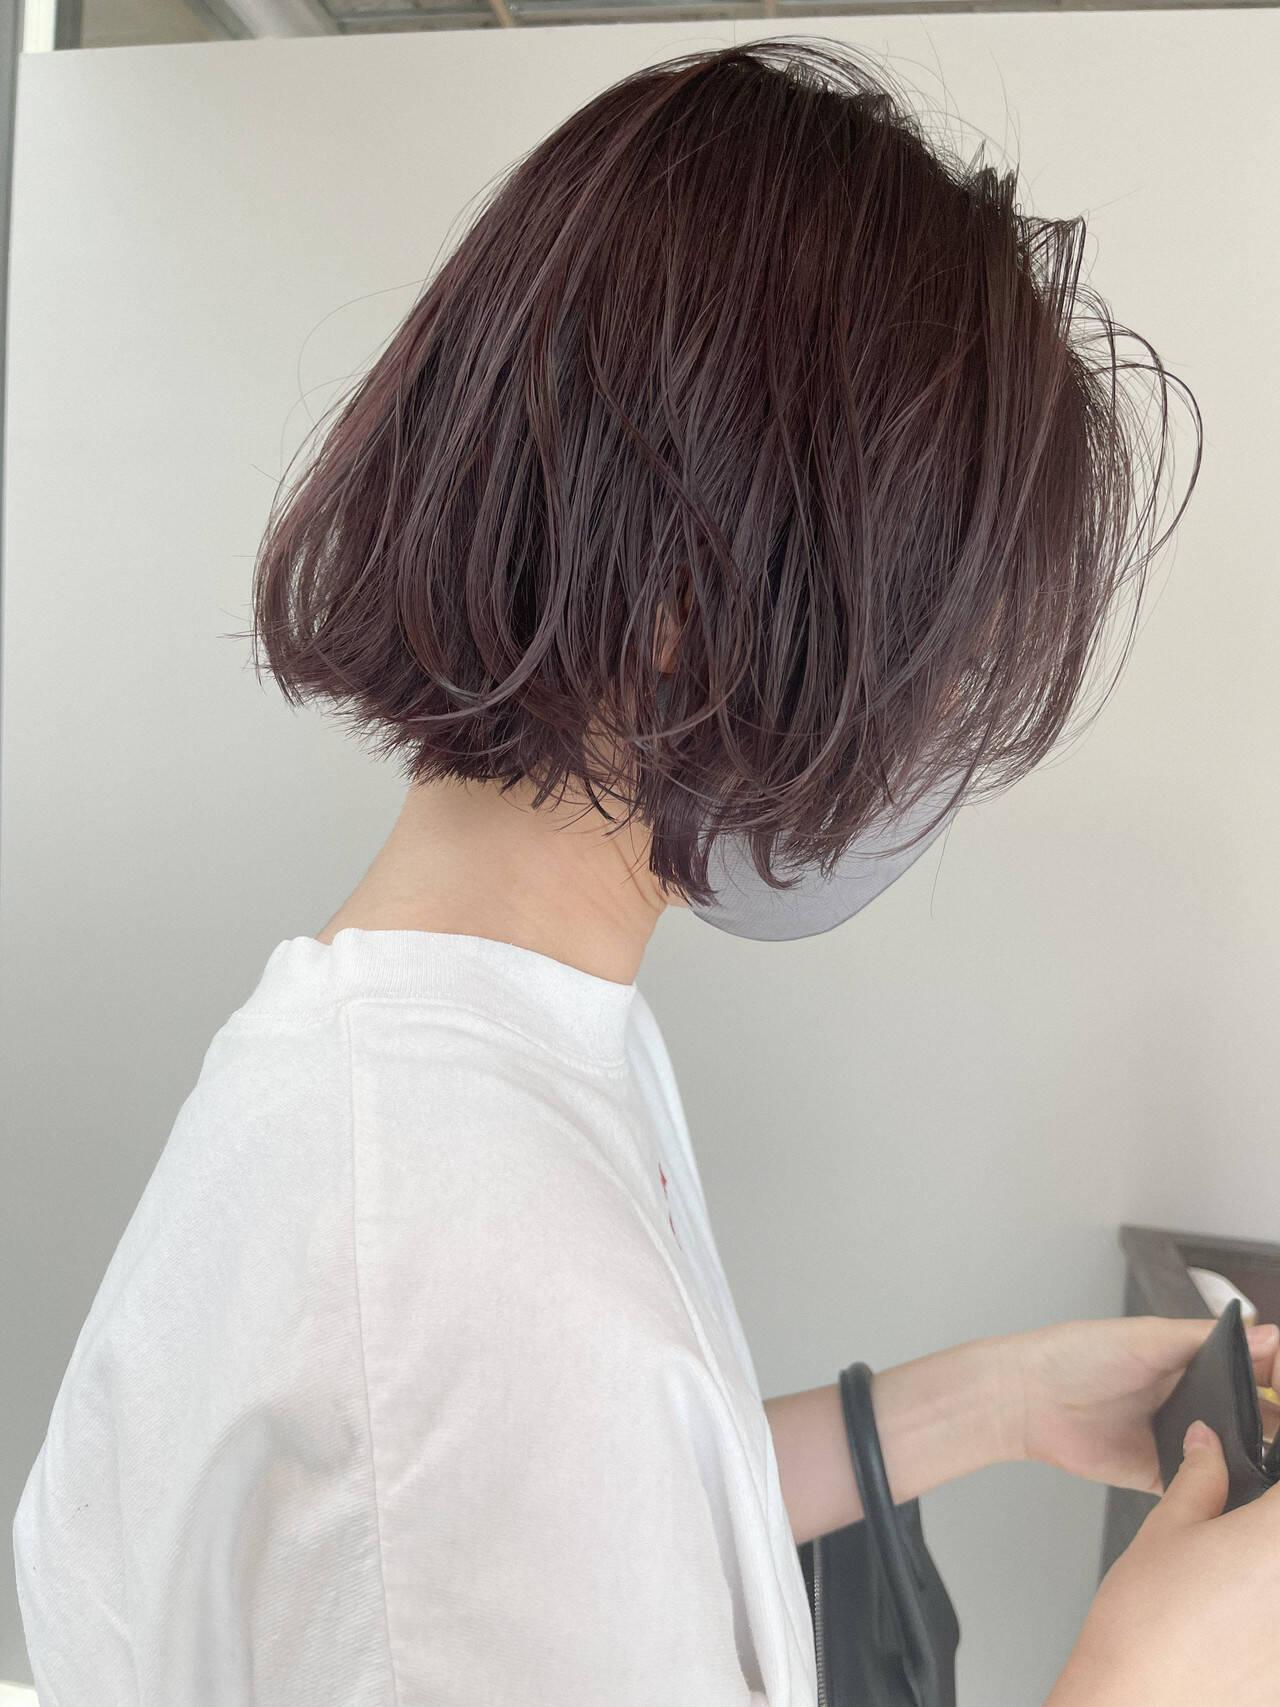 ミルクティーグレージュ ミルクグレージュ ゆるふわパーマ ナチュラルヘアスタイルや髪型の写真・画像